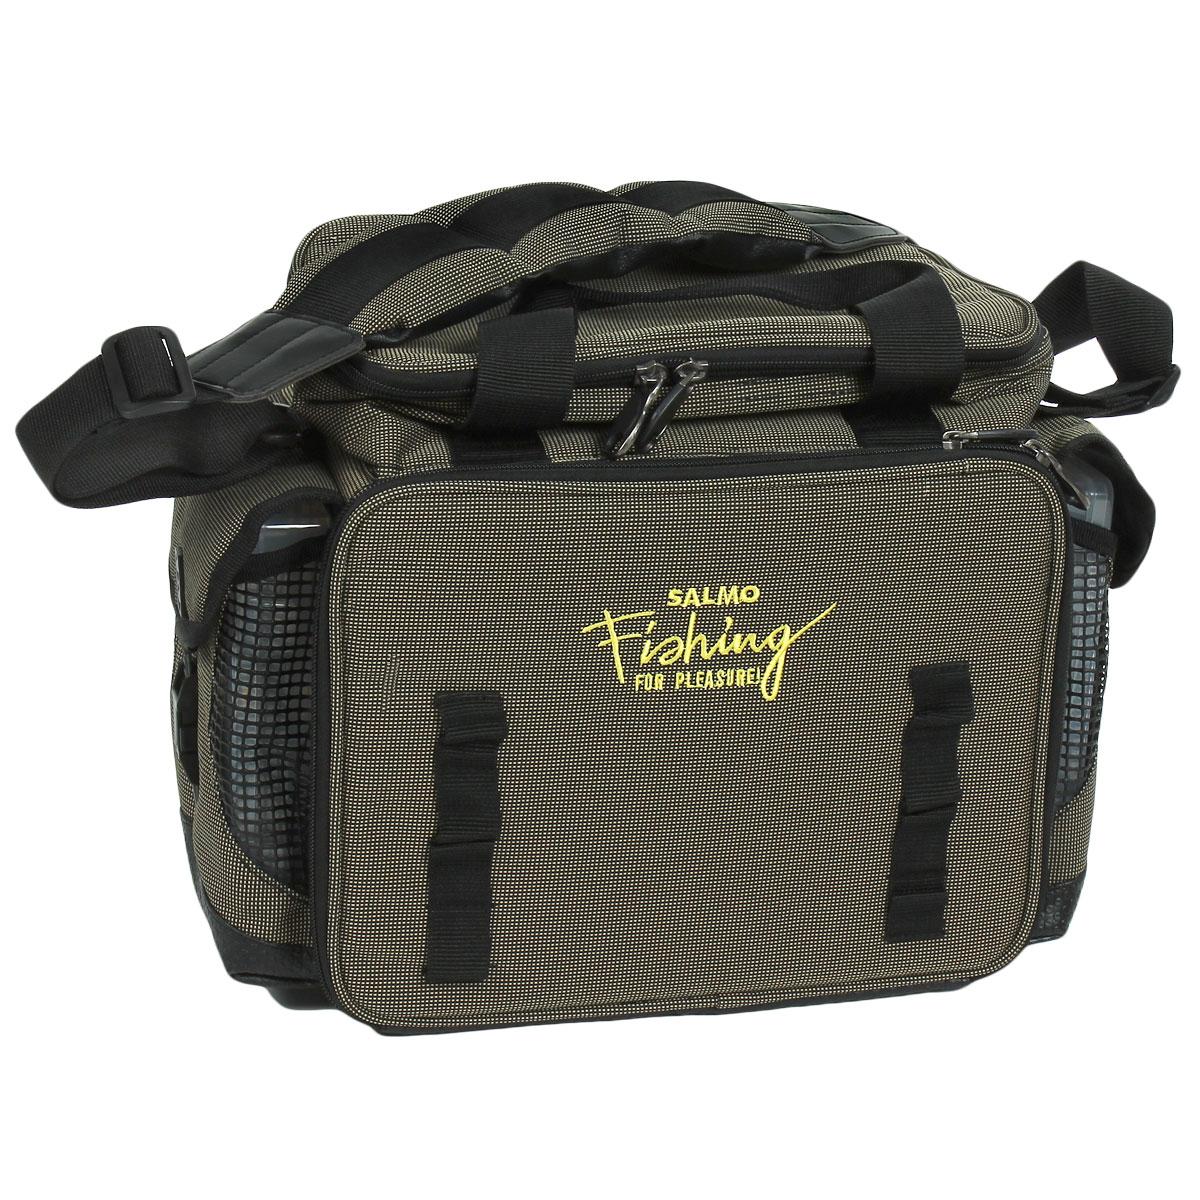 Сумка рыболовная Salmo 09, цвет: серыйLJ-108Удобная сумка для рыболовных принадлежностей. В комплекте пять пластиковых коробок, размером 28 см х 18 см х 4 см, и две коробки, размером 20 см х 13 см х 4 см, с многочисленными отделениями. Верхнее отделение, удобное для перевозки катушек.Двойная ручка и мягкий, регулируемый по длине, наплечный ремень.